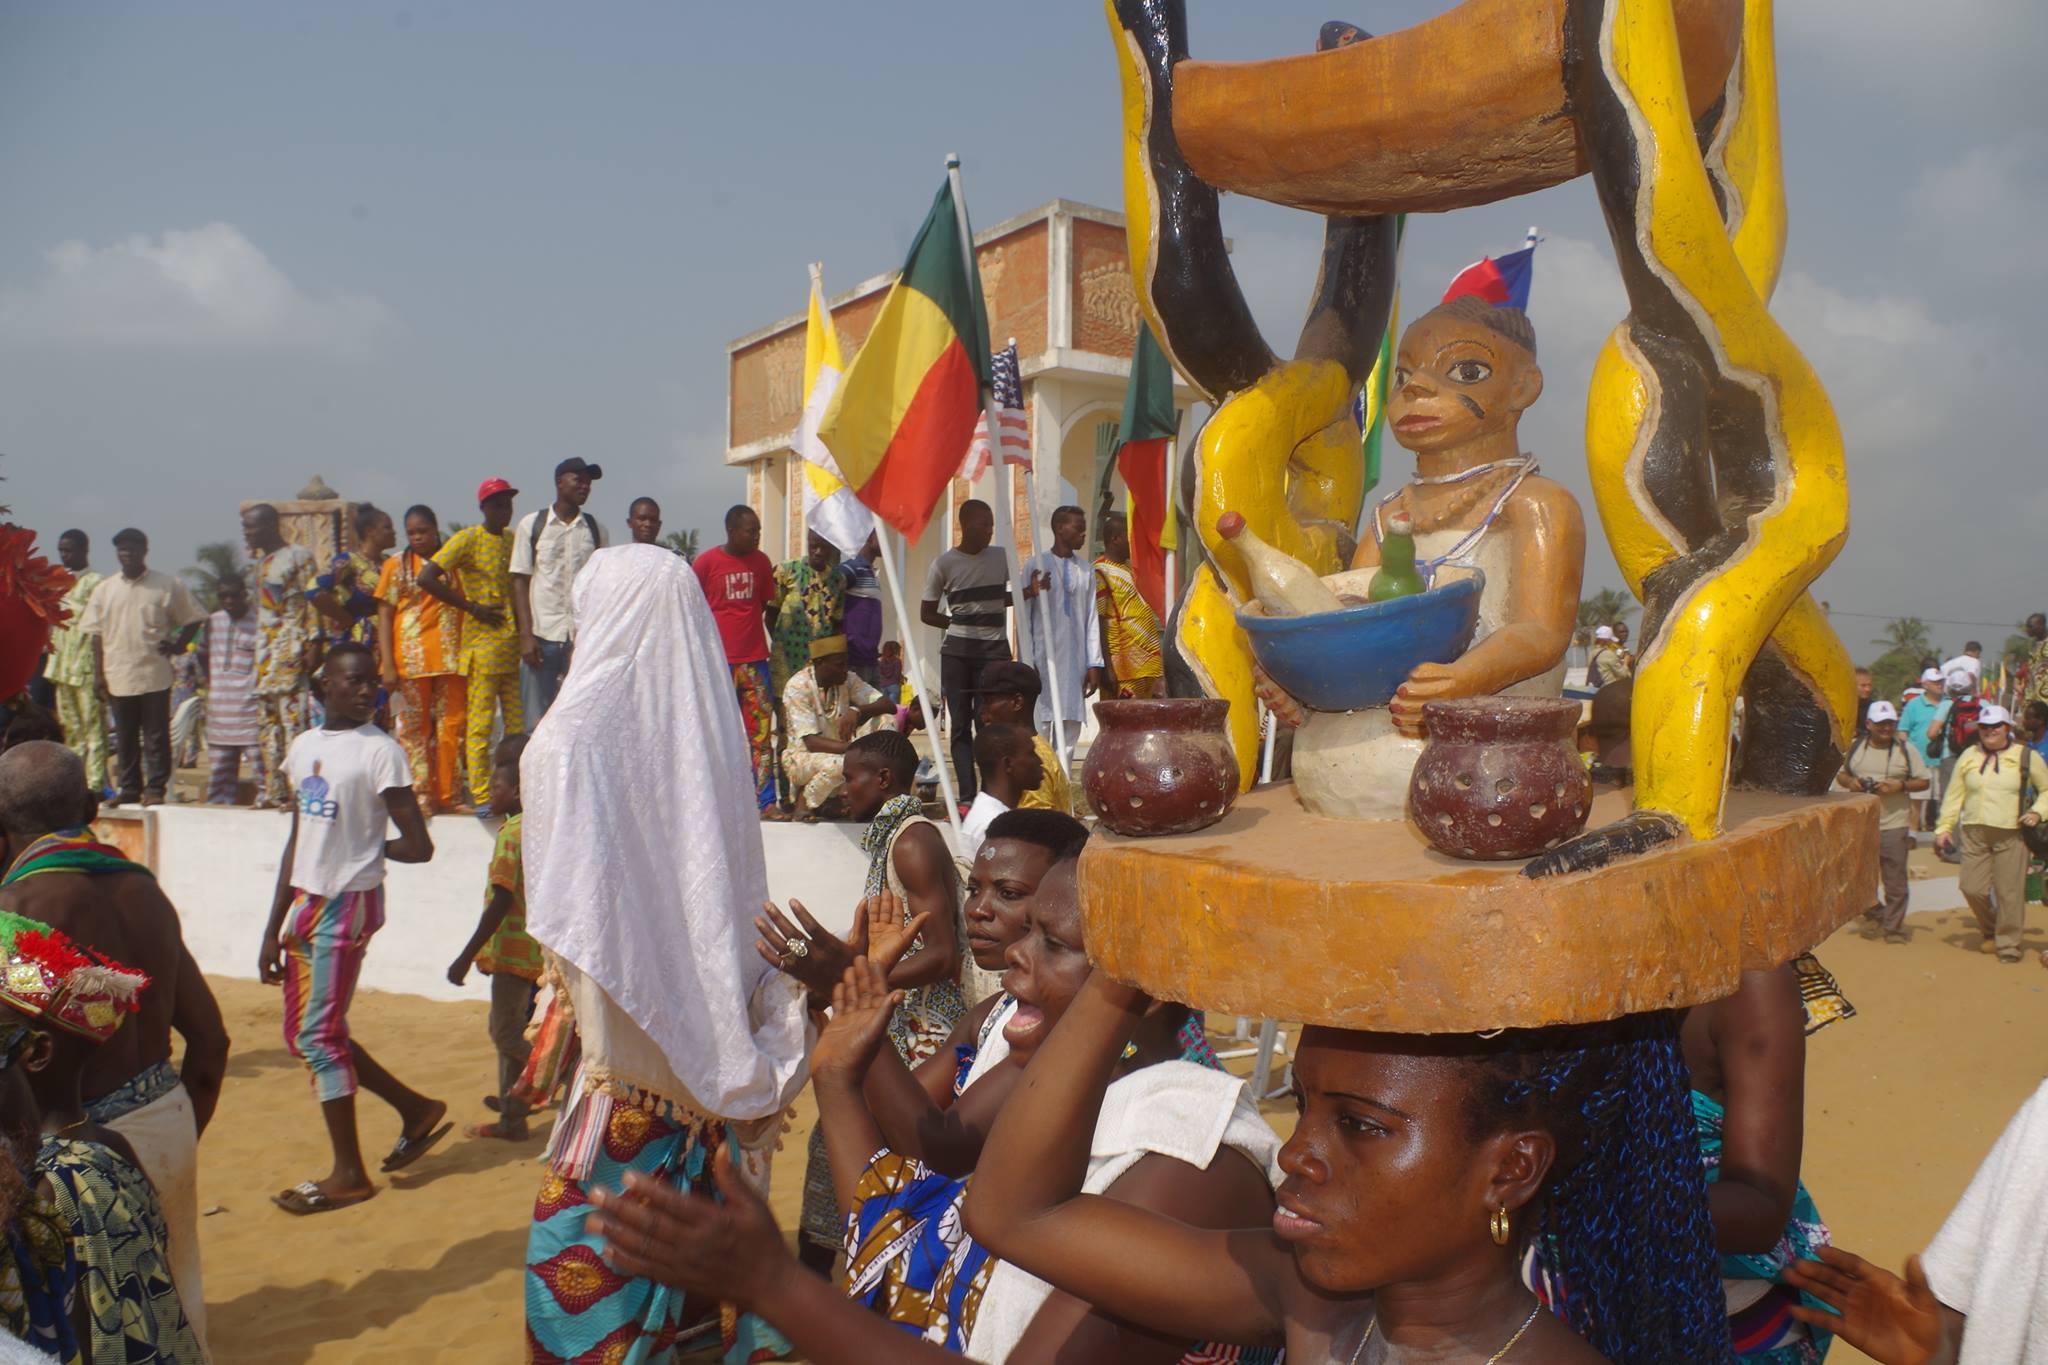 fête internationale des religions endogènes au Bénin